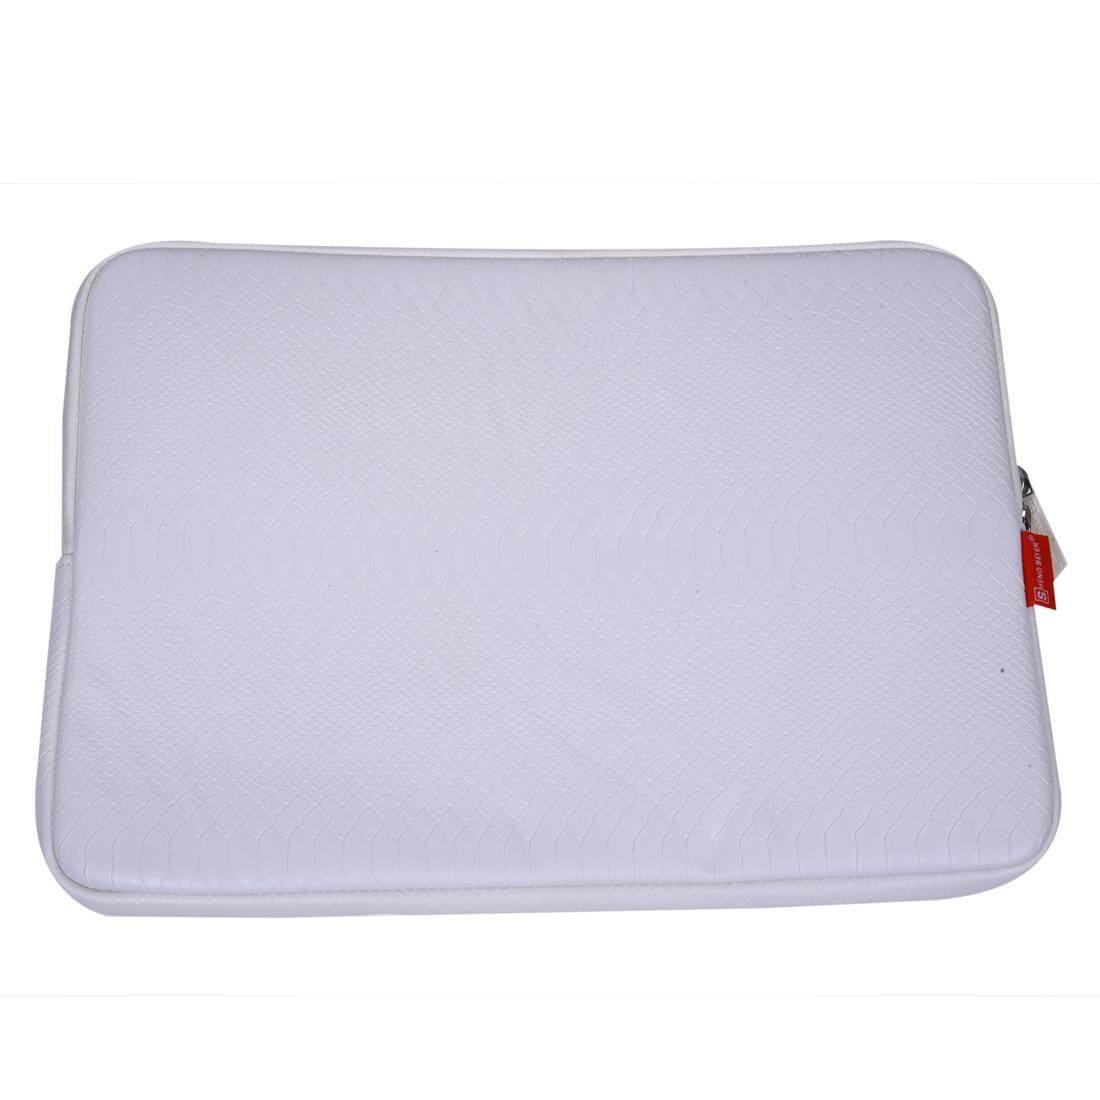 Sheng Bei Er Ular Kulit Lengan Kasus 14 Inch Tas Laptop, untuk Buku Catatan Macbook Udara Pro (Putih)-Internasional